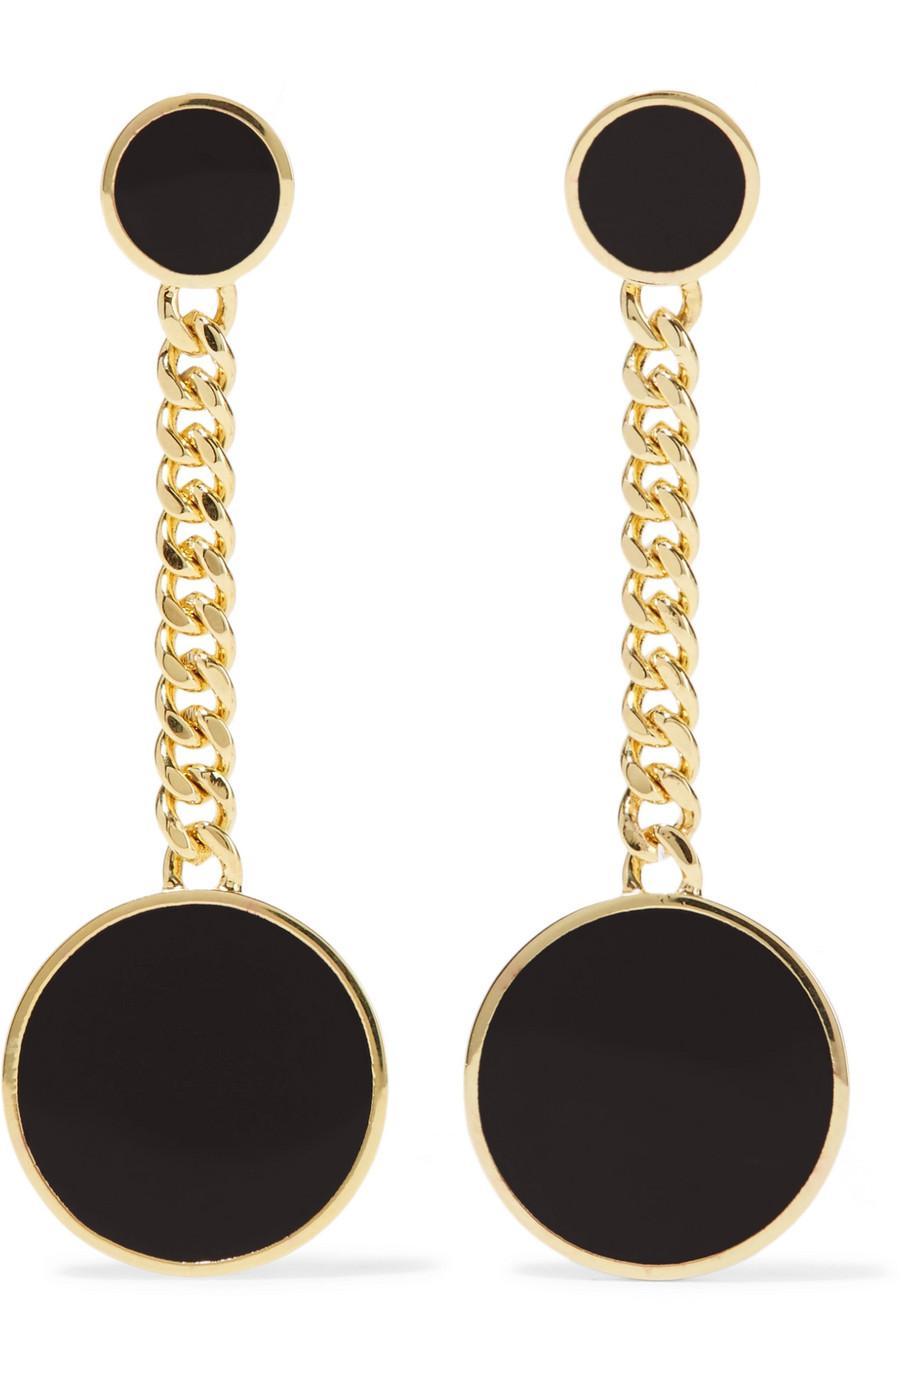 Arme De L'Amour Gold-plated Enamel Earrings - Black 3E7FJ